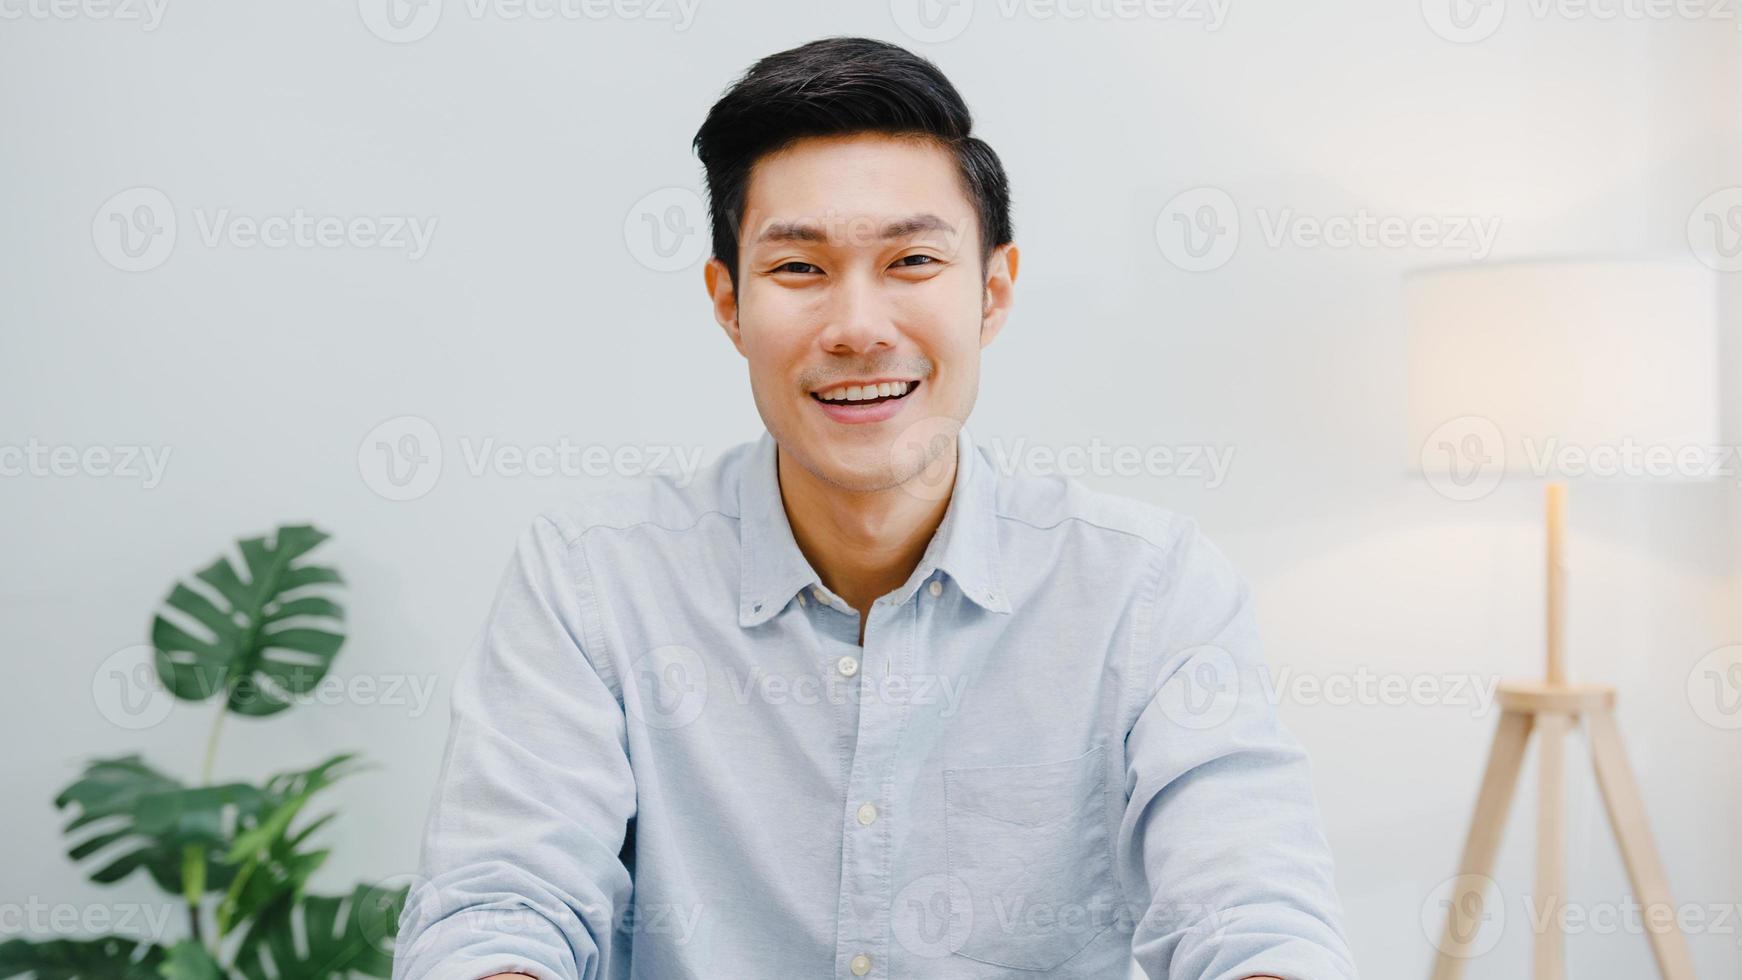 portrait d'un bel homme d'affaires exécutif réussi, vêtements décontractés intelligents, regardant la caméra et souriant, heureux dans un lieu de travail de bureau moderne. un jeune asiatique parle à un collègue lors d'une réunion par appel vidéo à la maison. photo